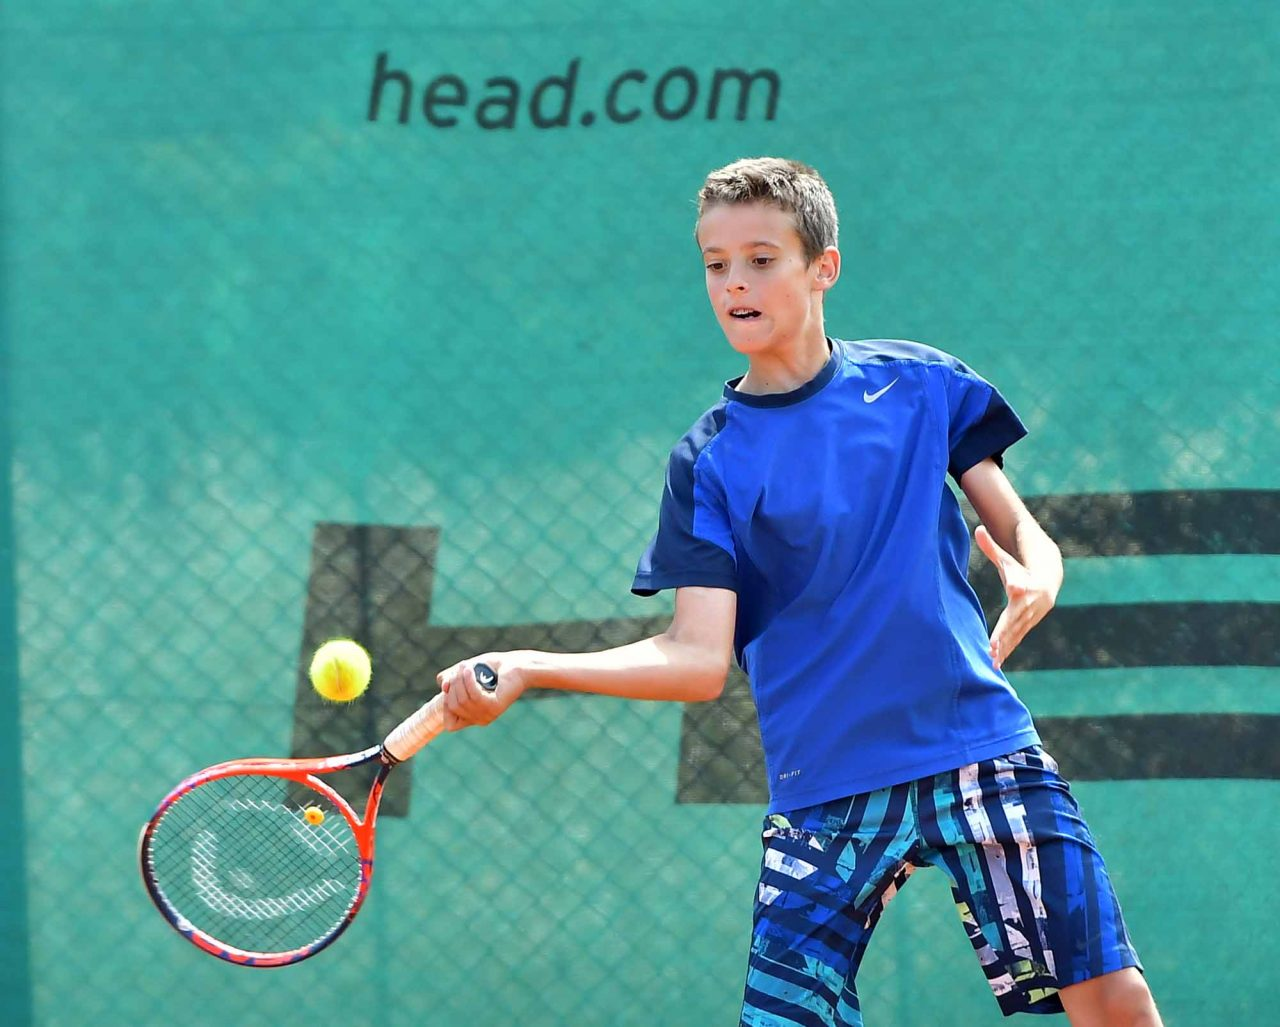 Държавно първенство тенис до 14 год. ТК 15-40 финал двойки (7)